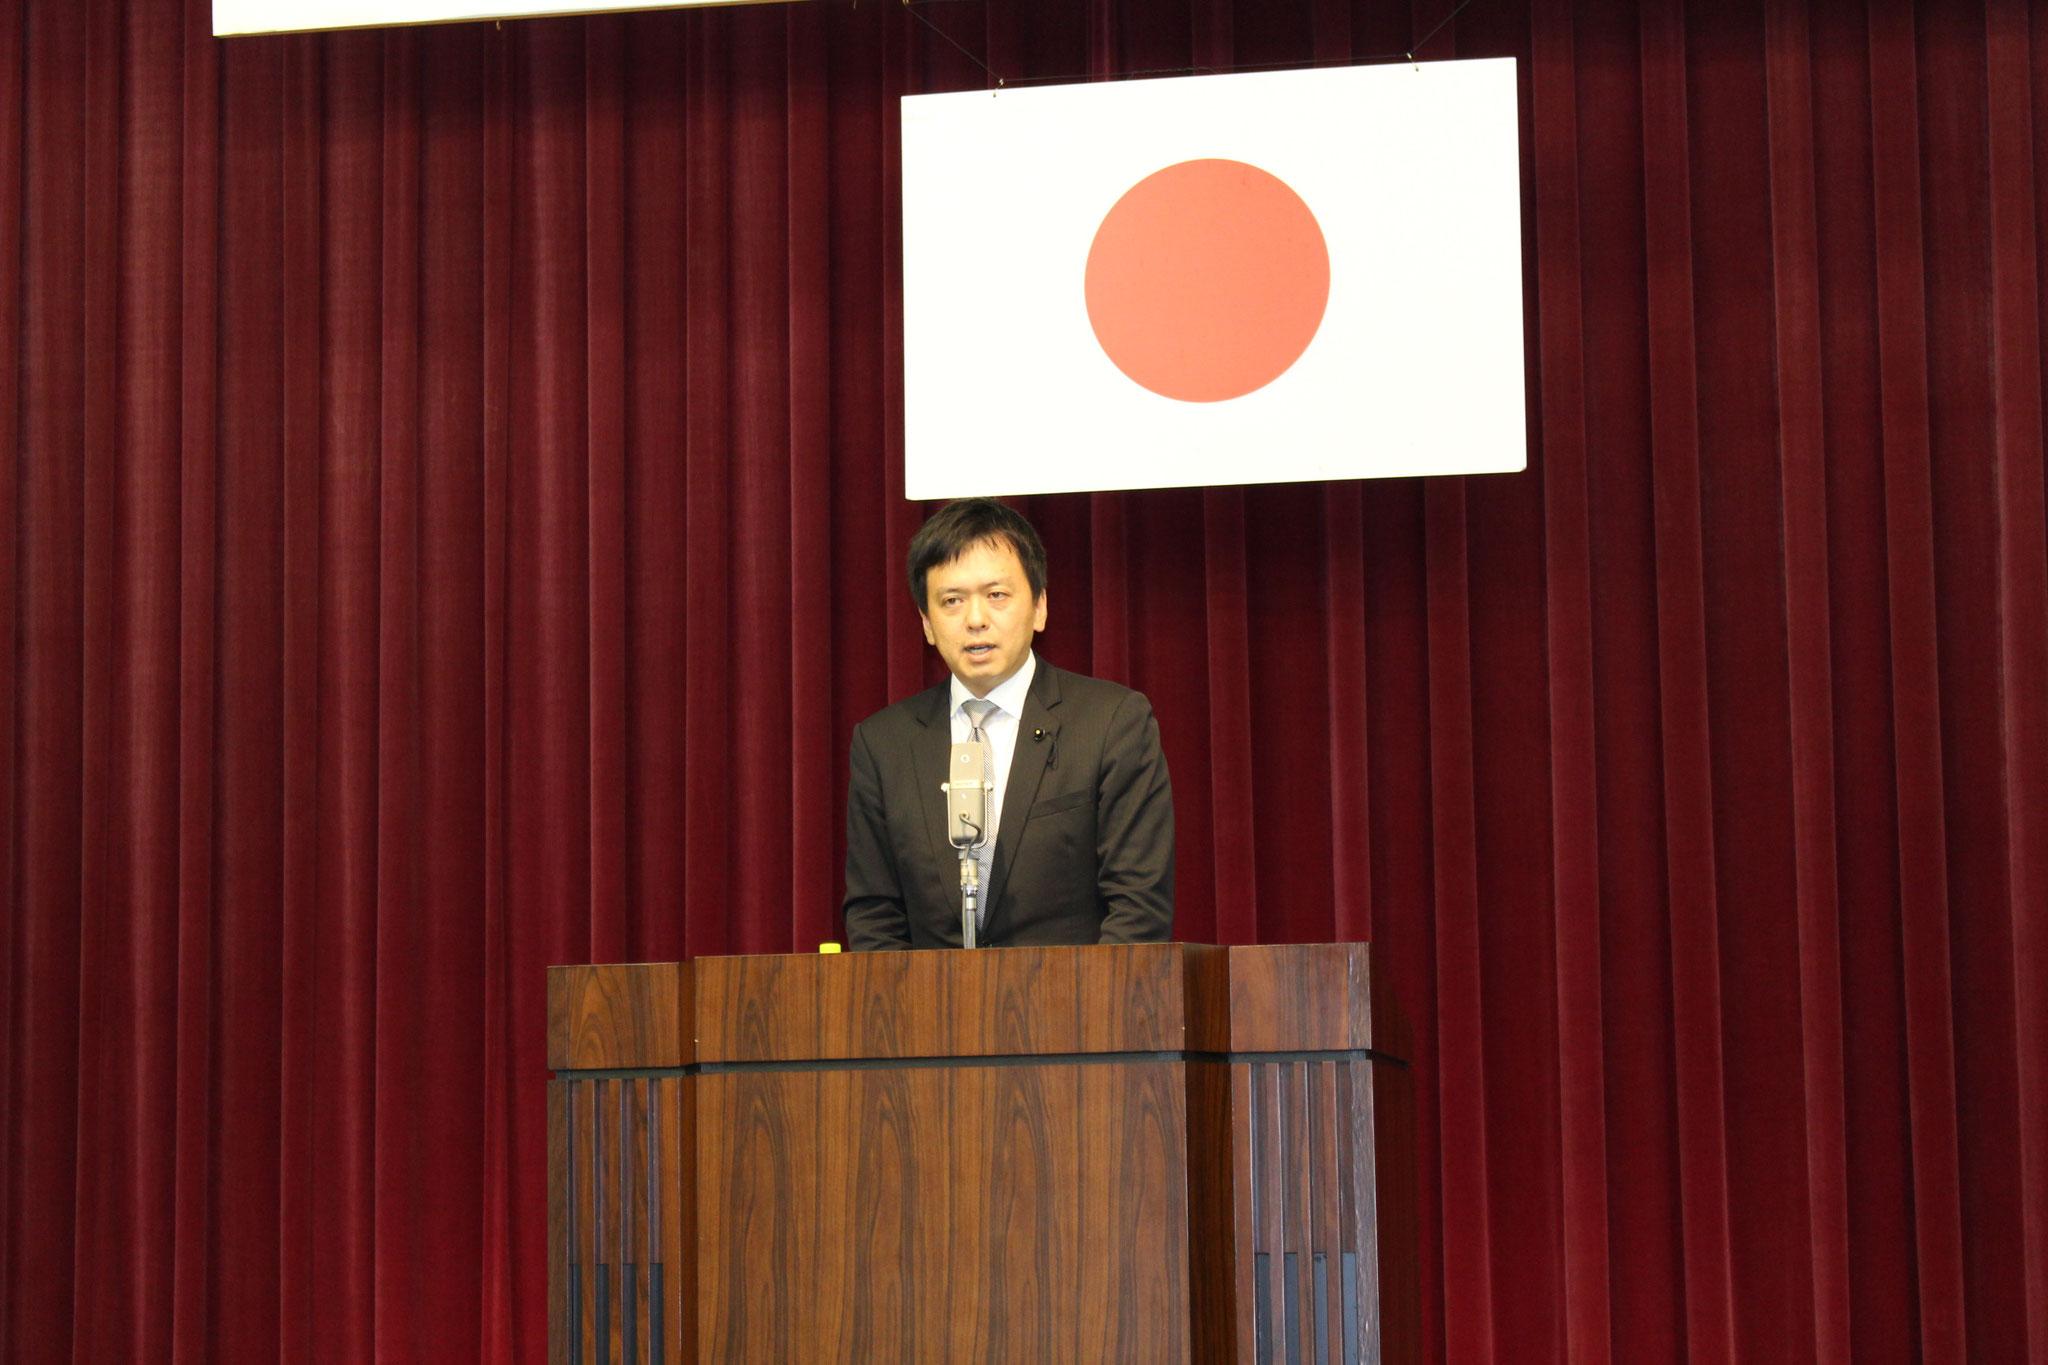 広島県議会議員 緒方直之様より御挨拶をいただきました。